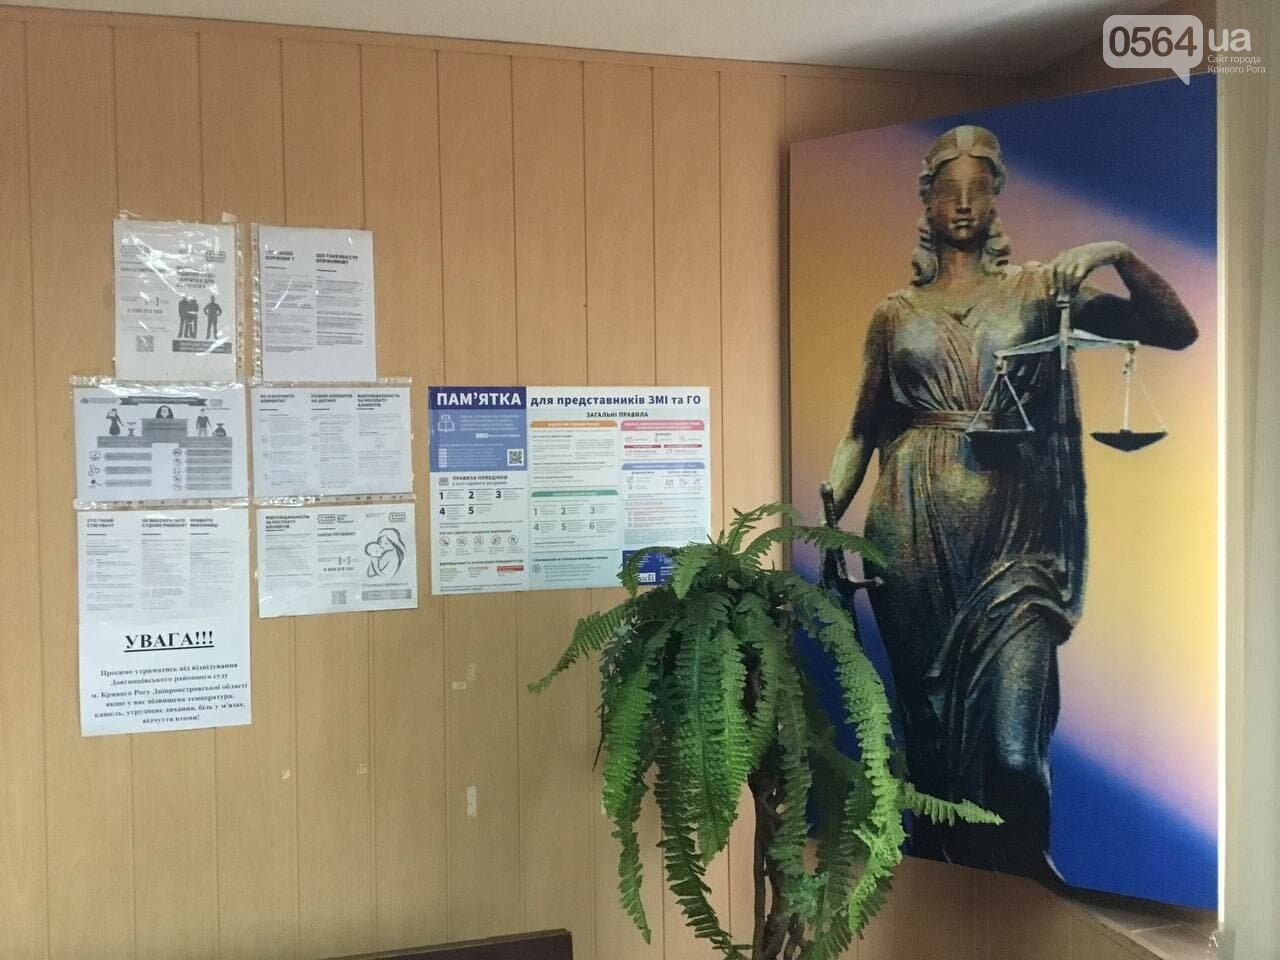 В суде по делу о конфликте между криворожским активистом и муниципальным гвардейцем допросили одного из свидетелей, - ФОТО, ВИДЕО, фото-10